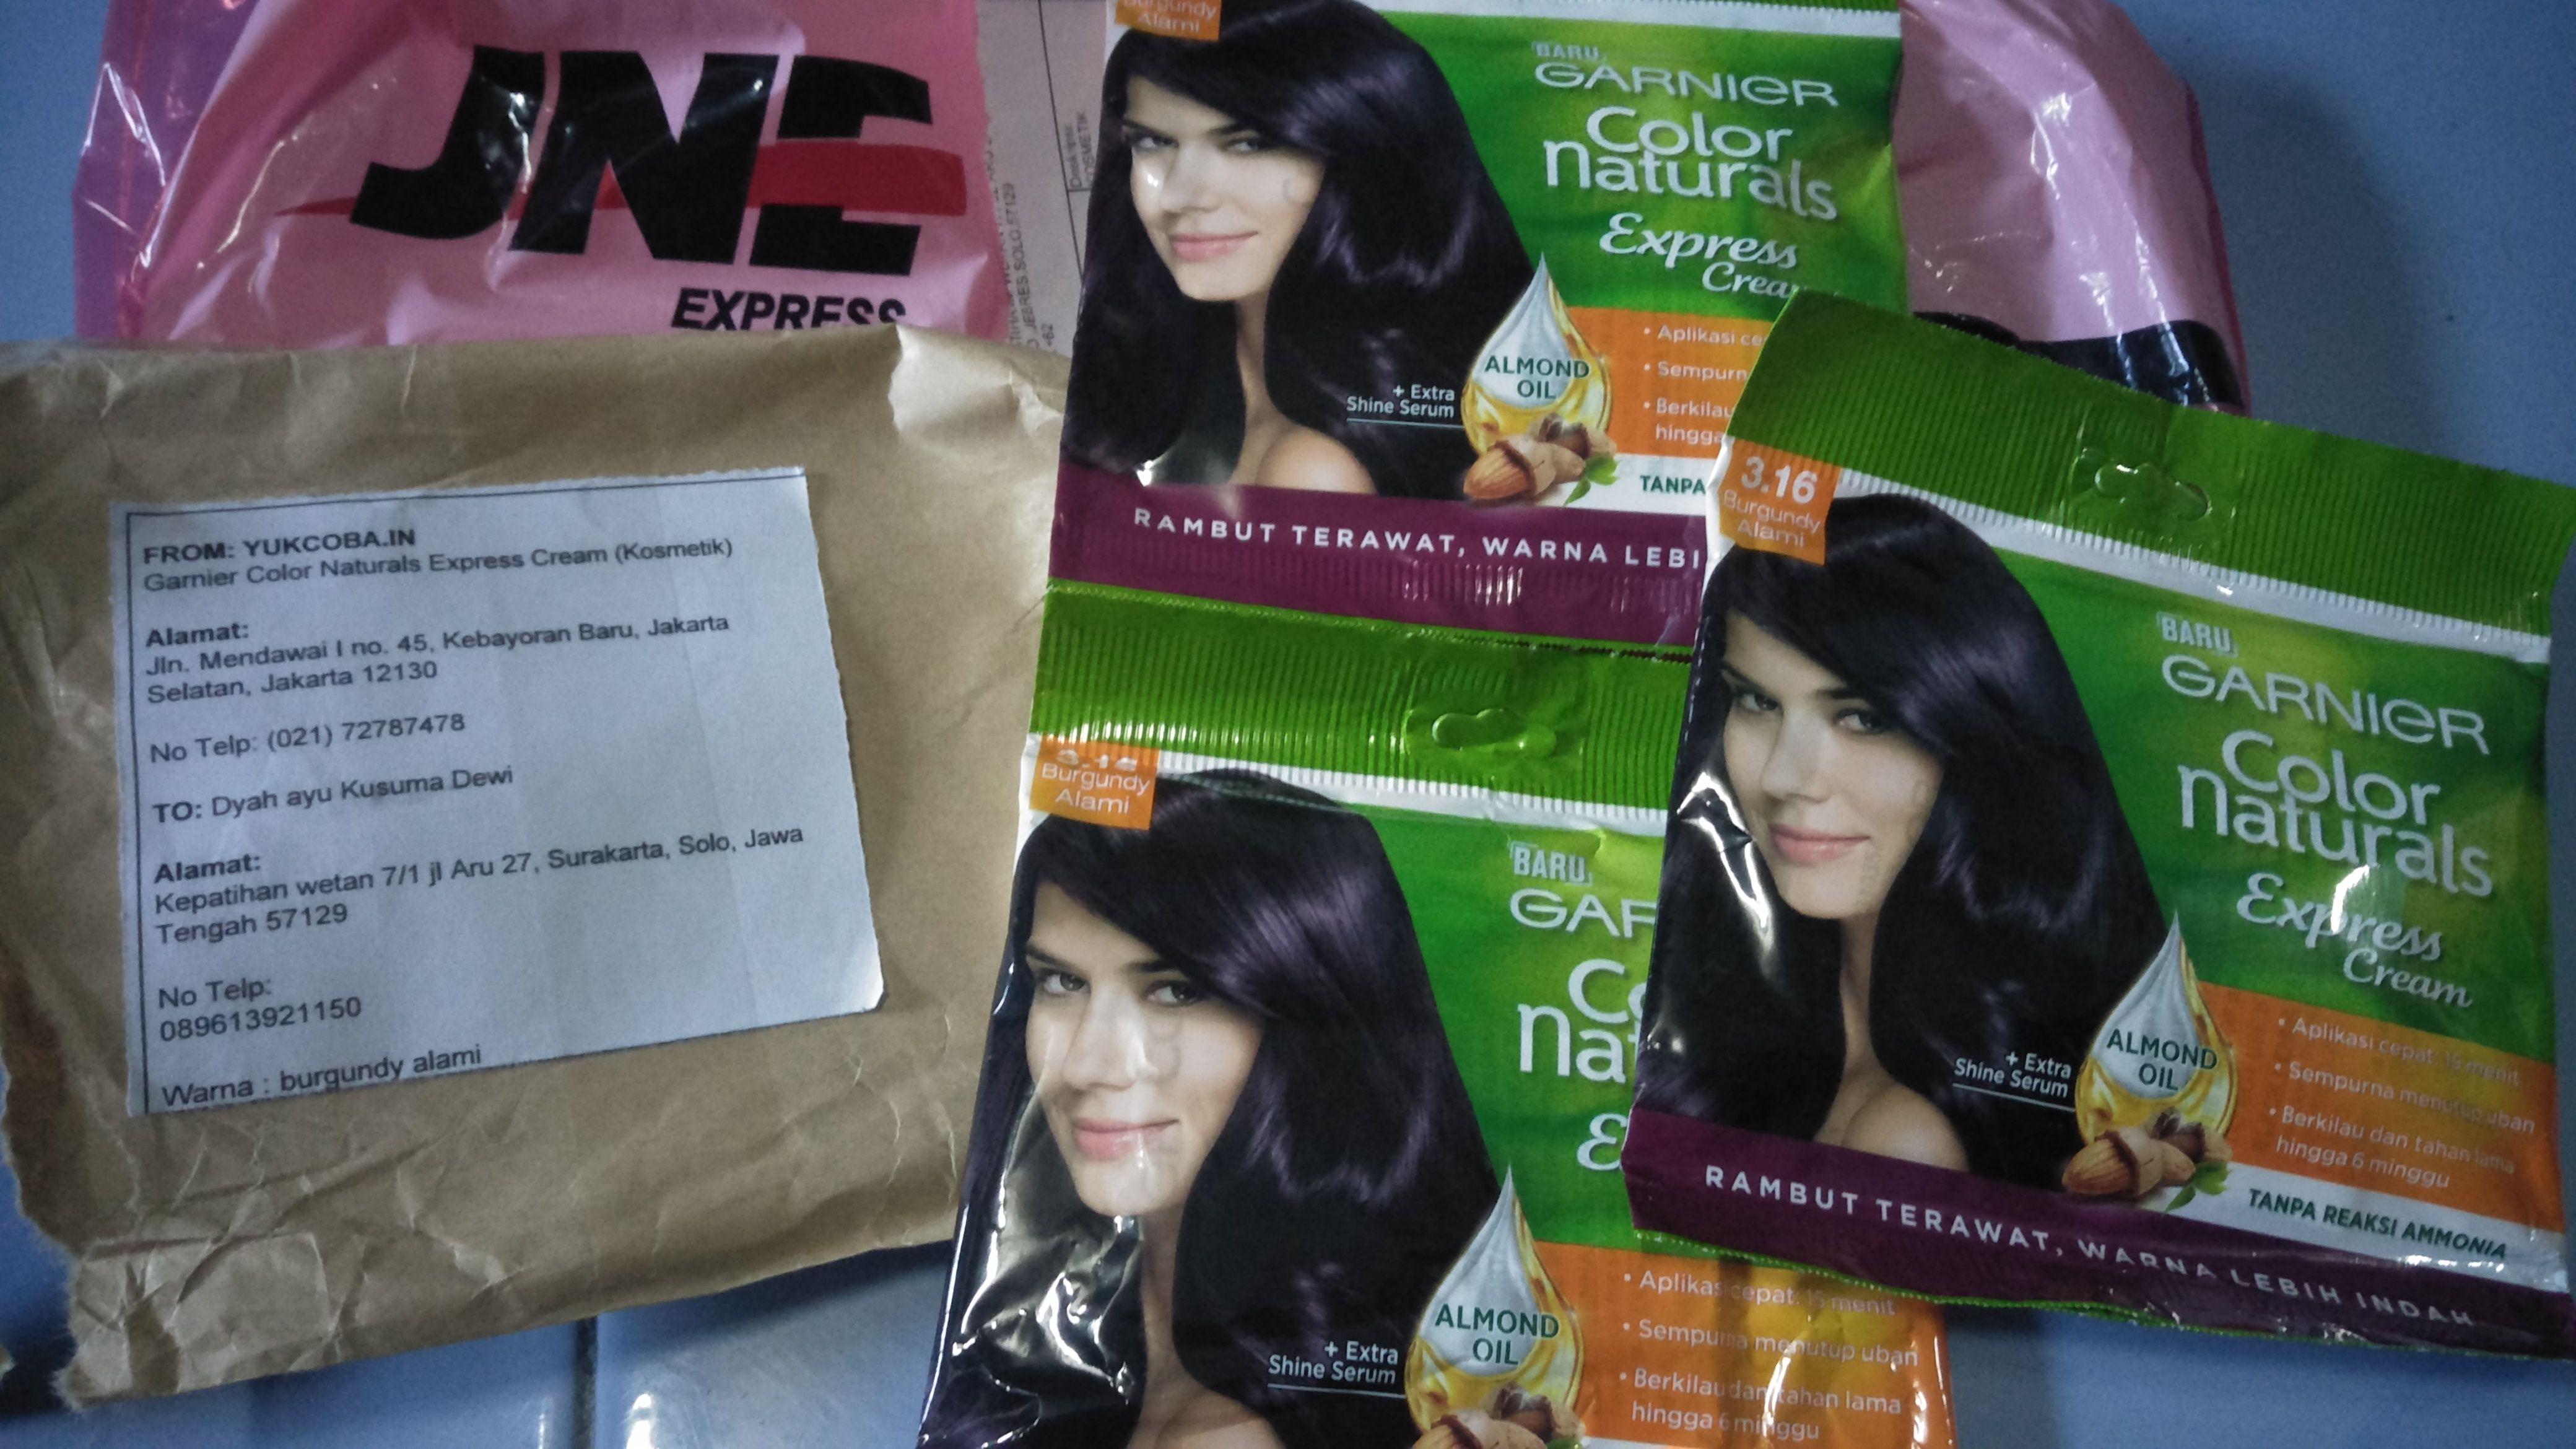 gambar review ke-4 untuk Garnier Color Naturals Express Cream